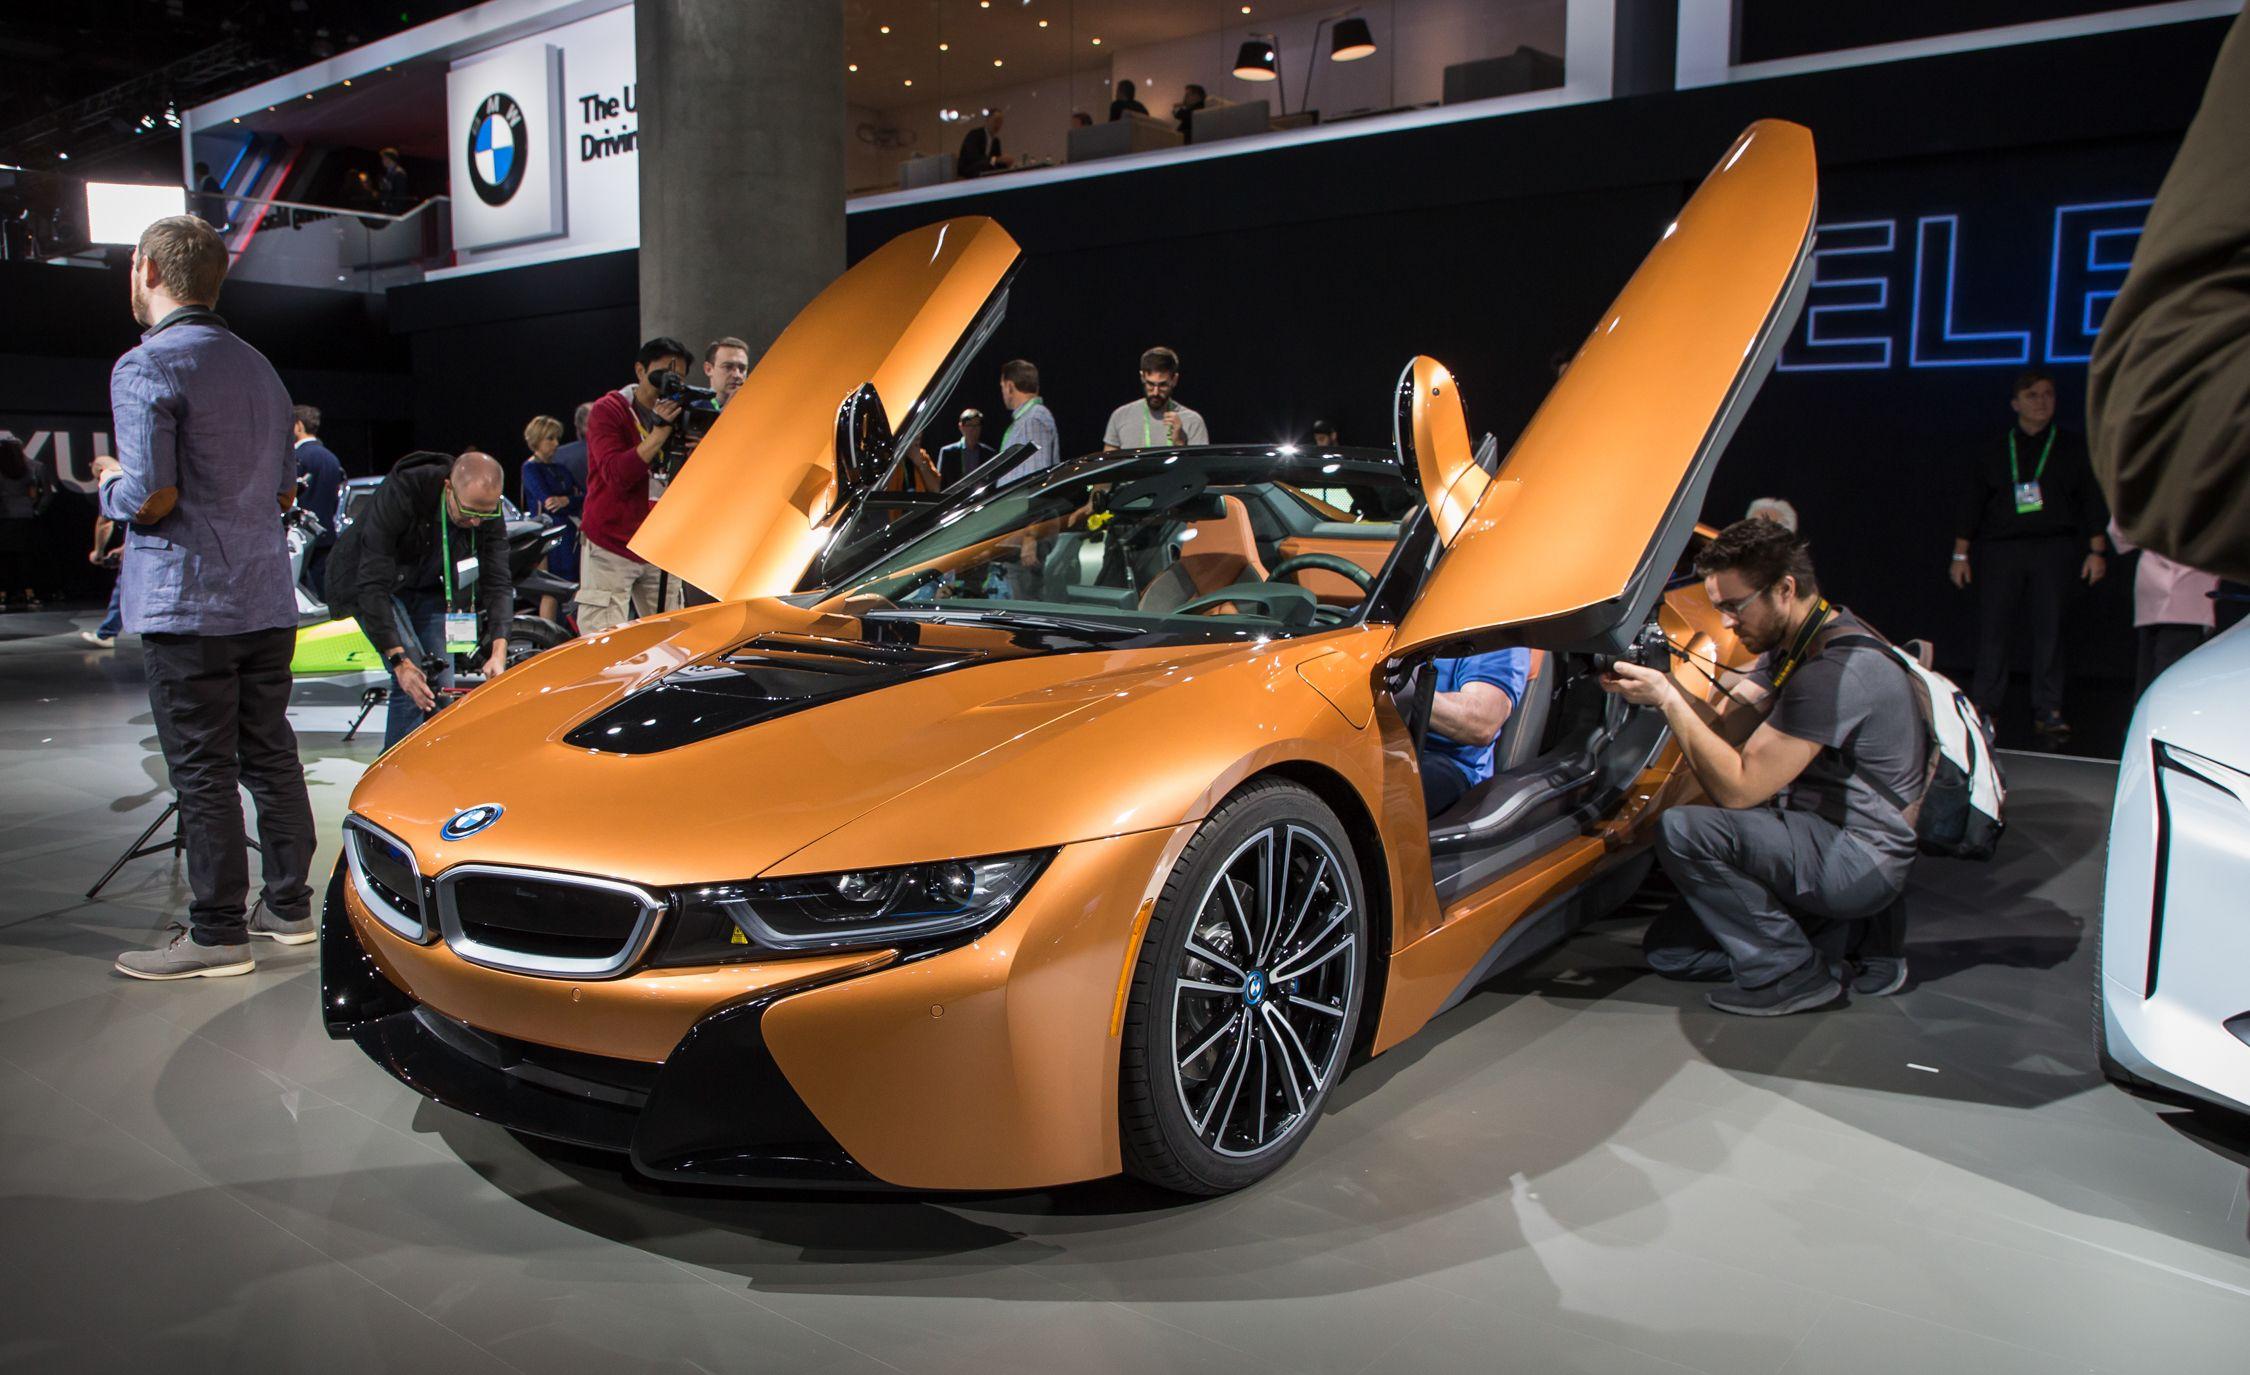 BMW I Reviews BMW I Price Photos And Specs Car And Driver - 2013 bmw i8